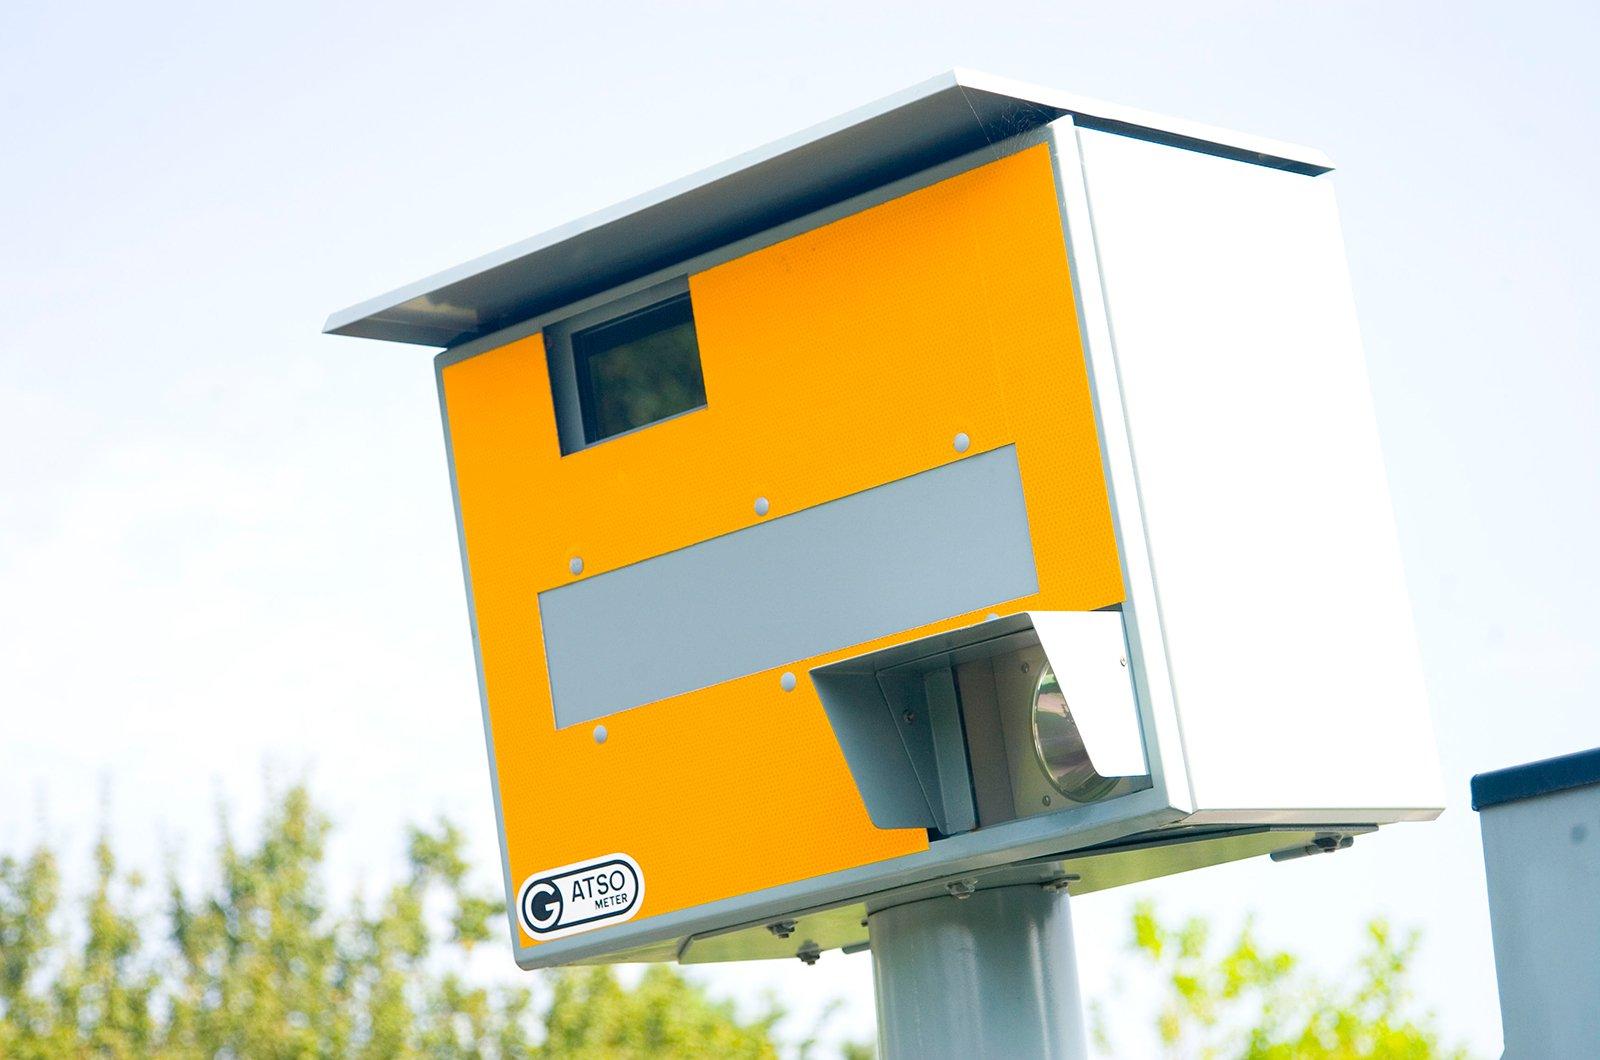 Gatsometer Type 24 camera